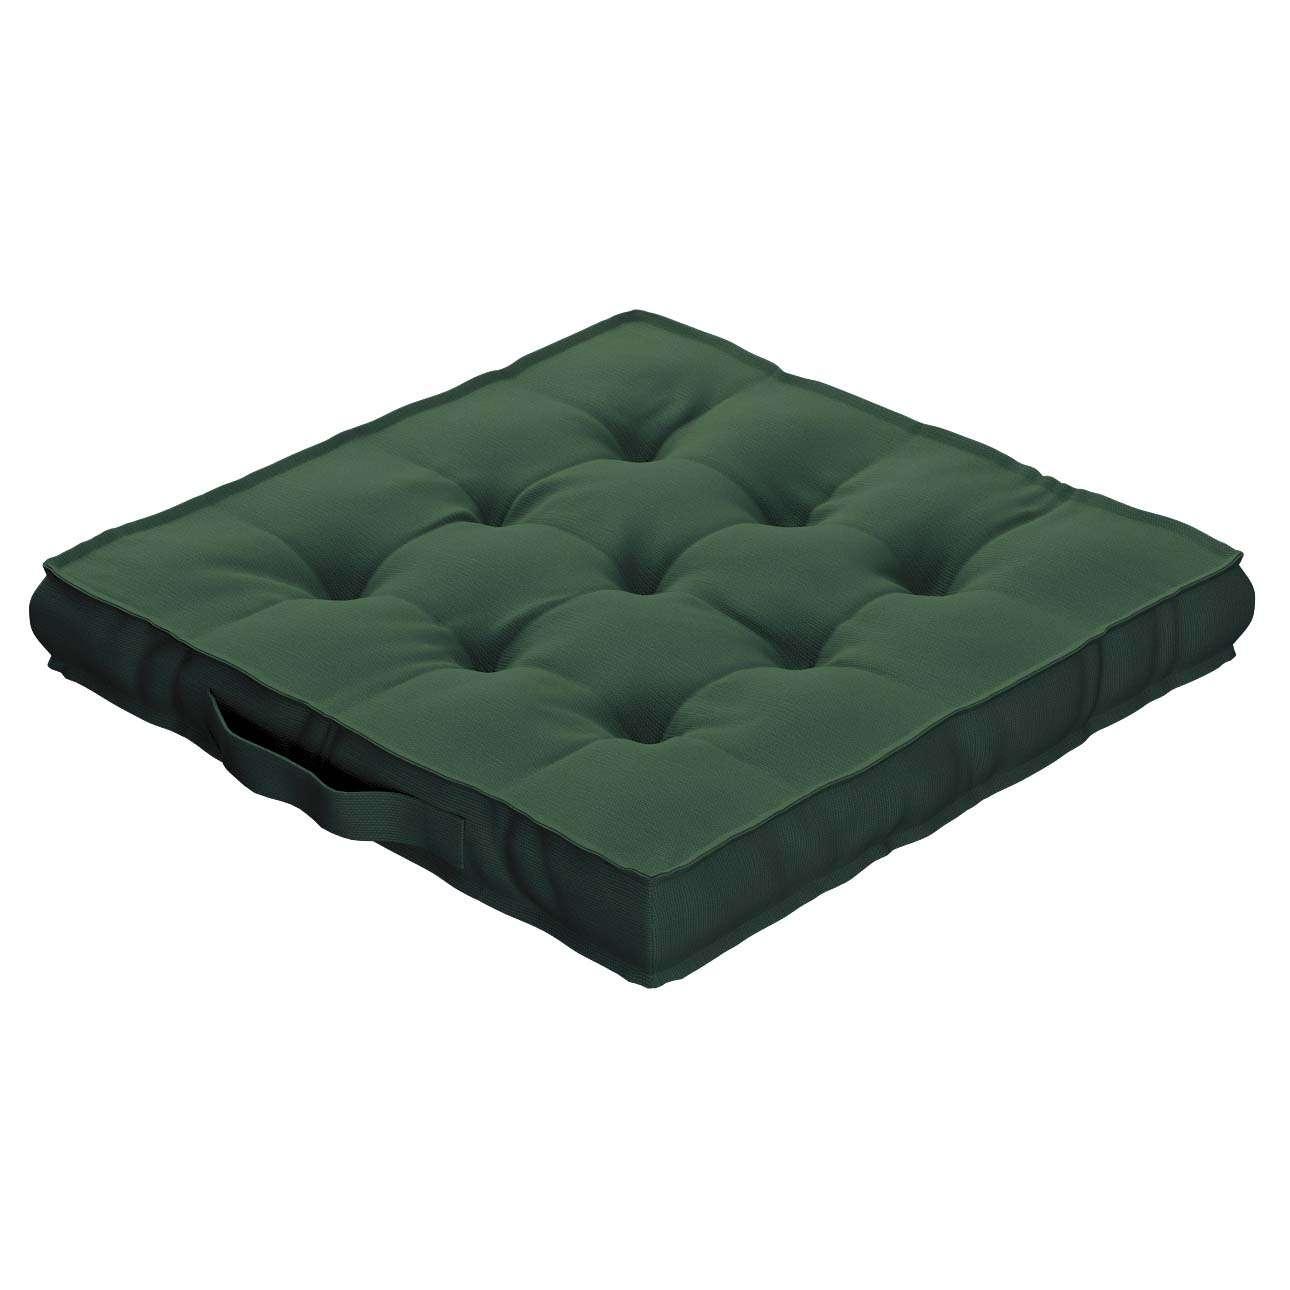 Pagalvėlė Kuba kėdei/ant grindų 40 x 40 x 6 cm kolekcijoje Cotton Panama, audinys: 702-06